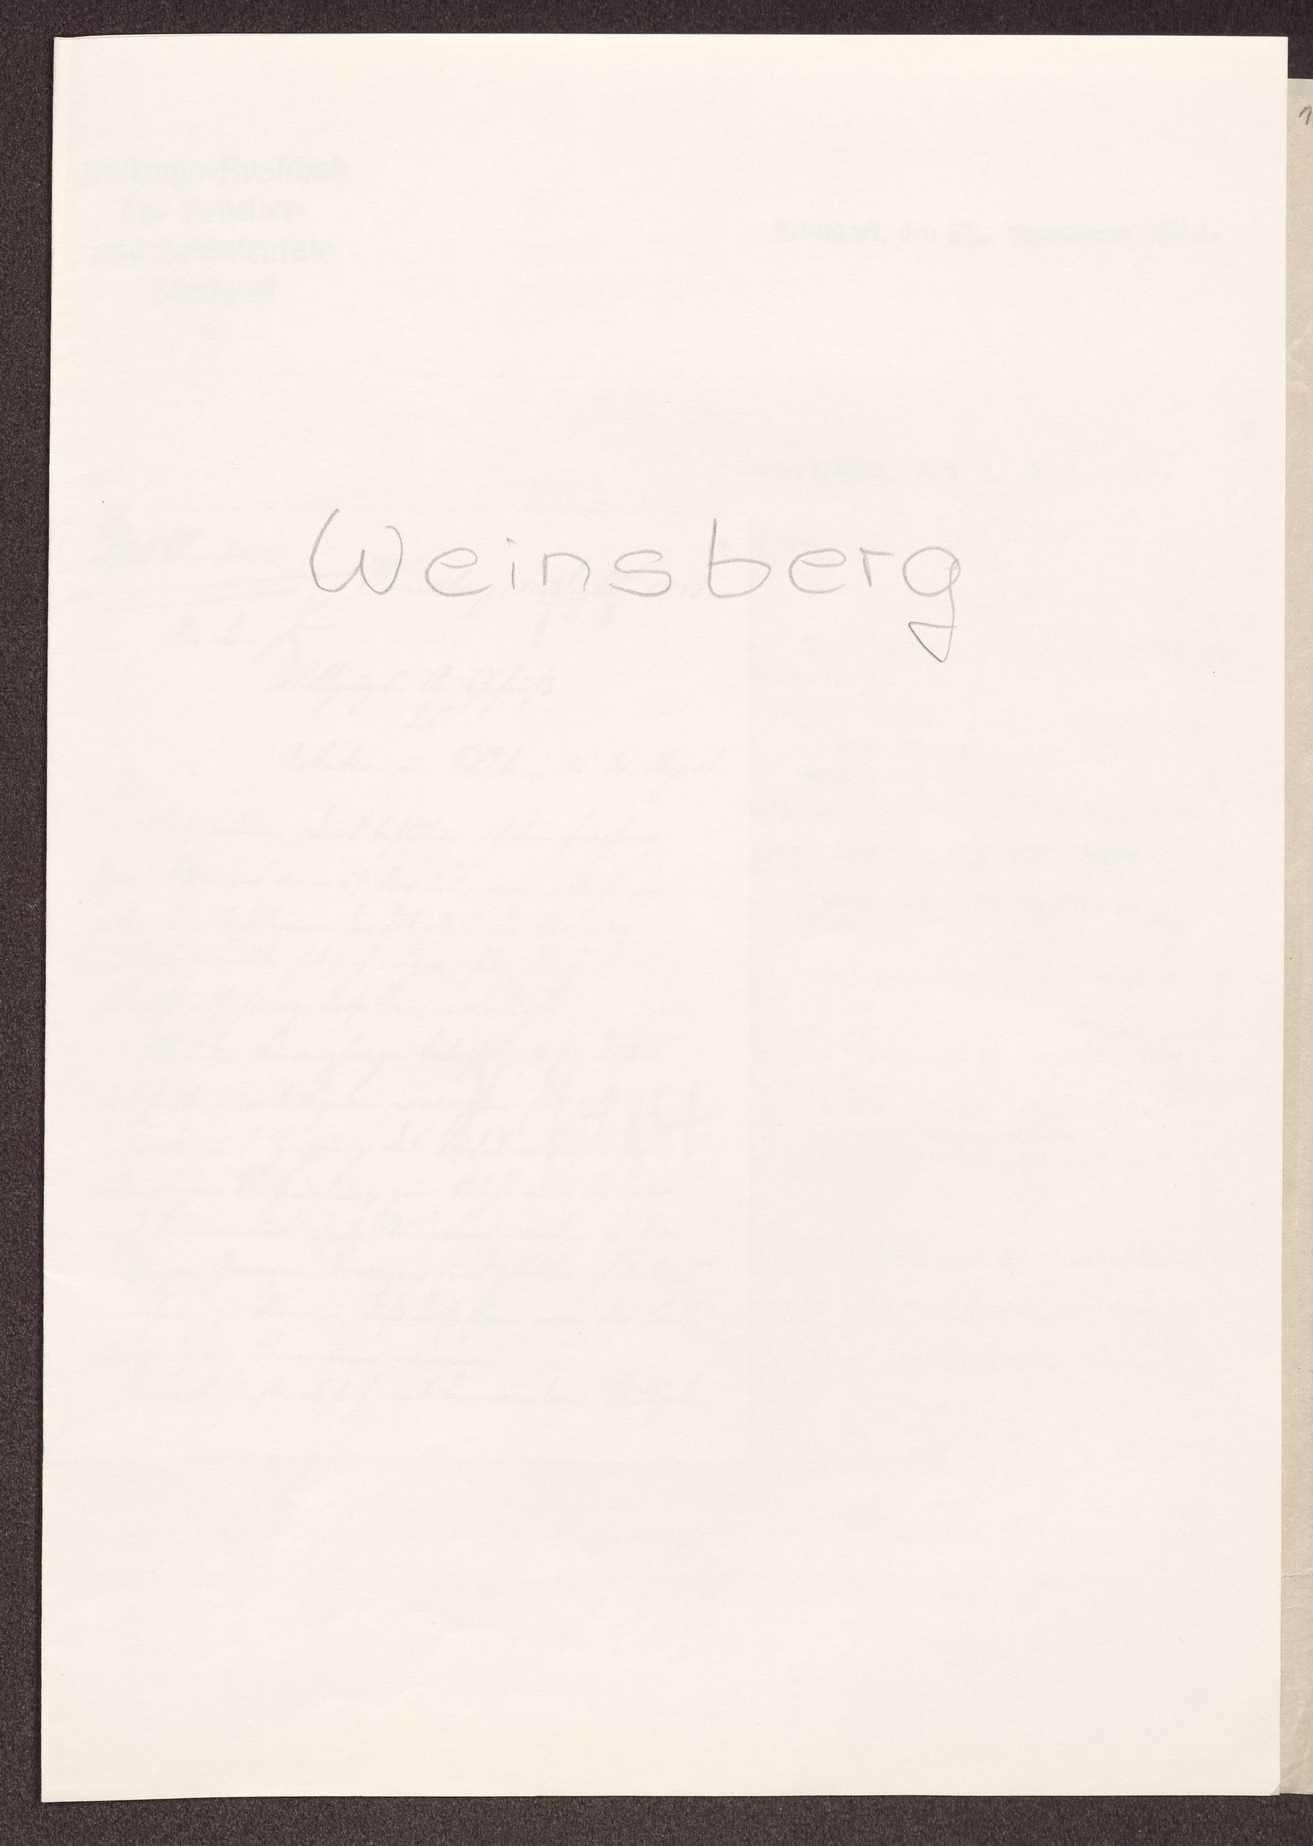 Finanzierung und Rechnungslegung örtlicher Arbeiter- und Bauernräte im Oberamt Weinsberg, Bild 1